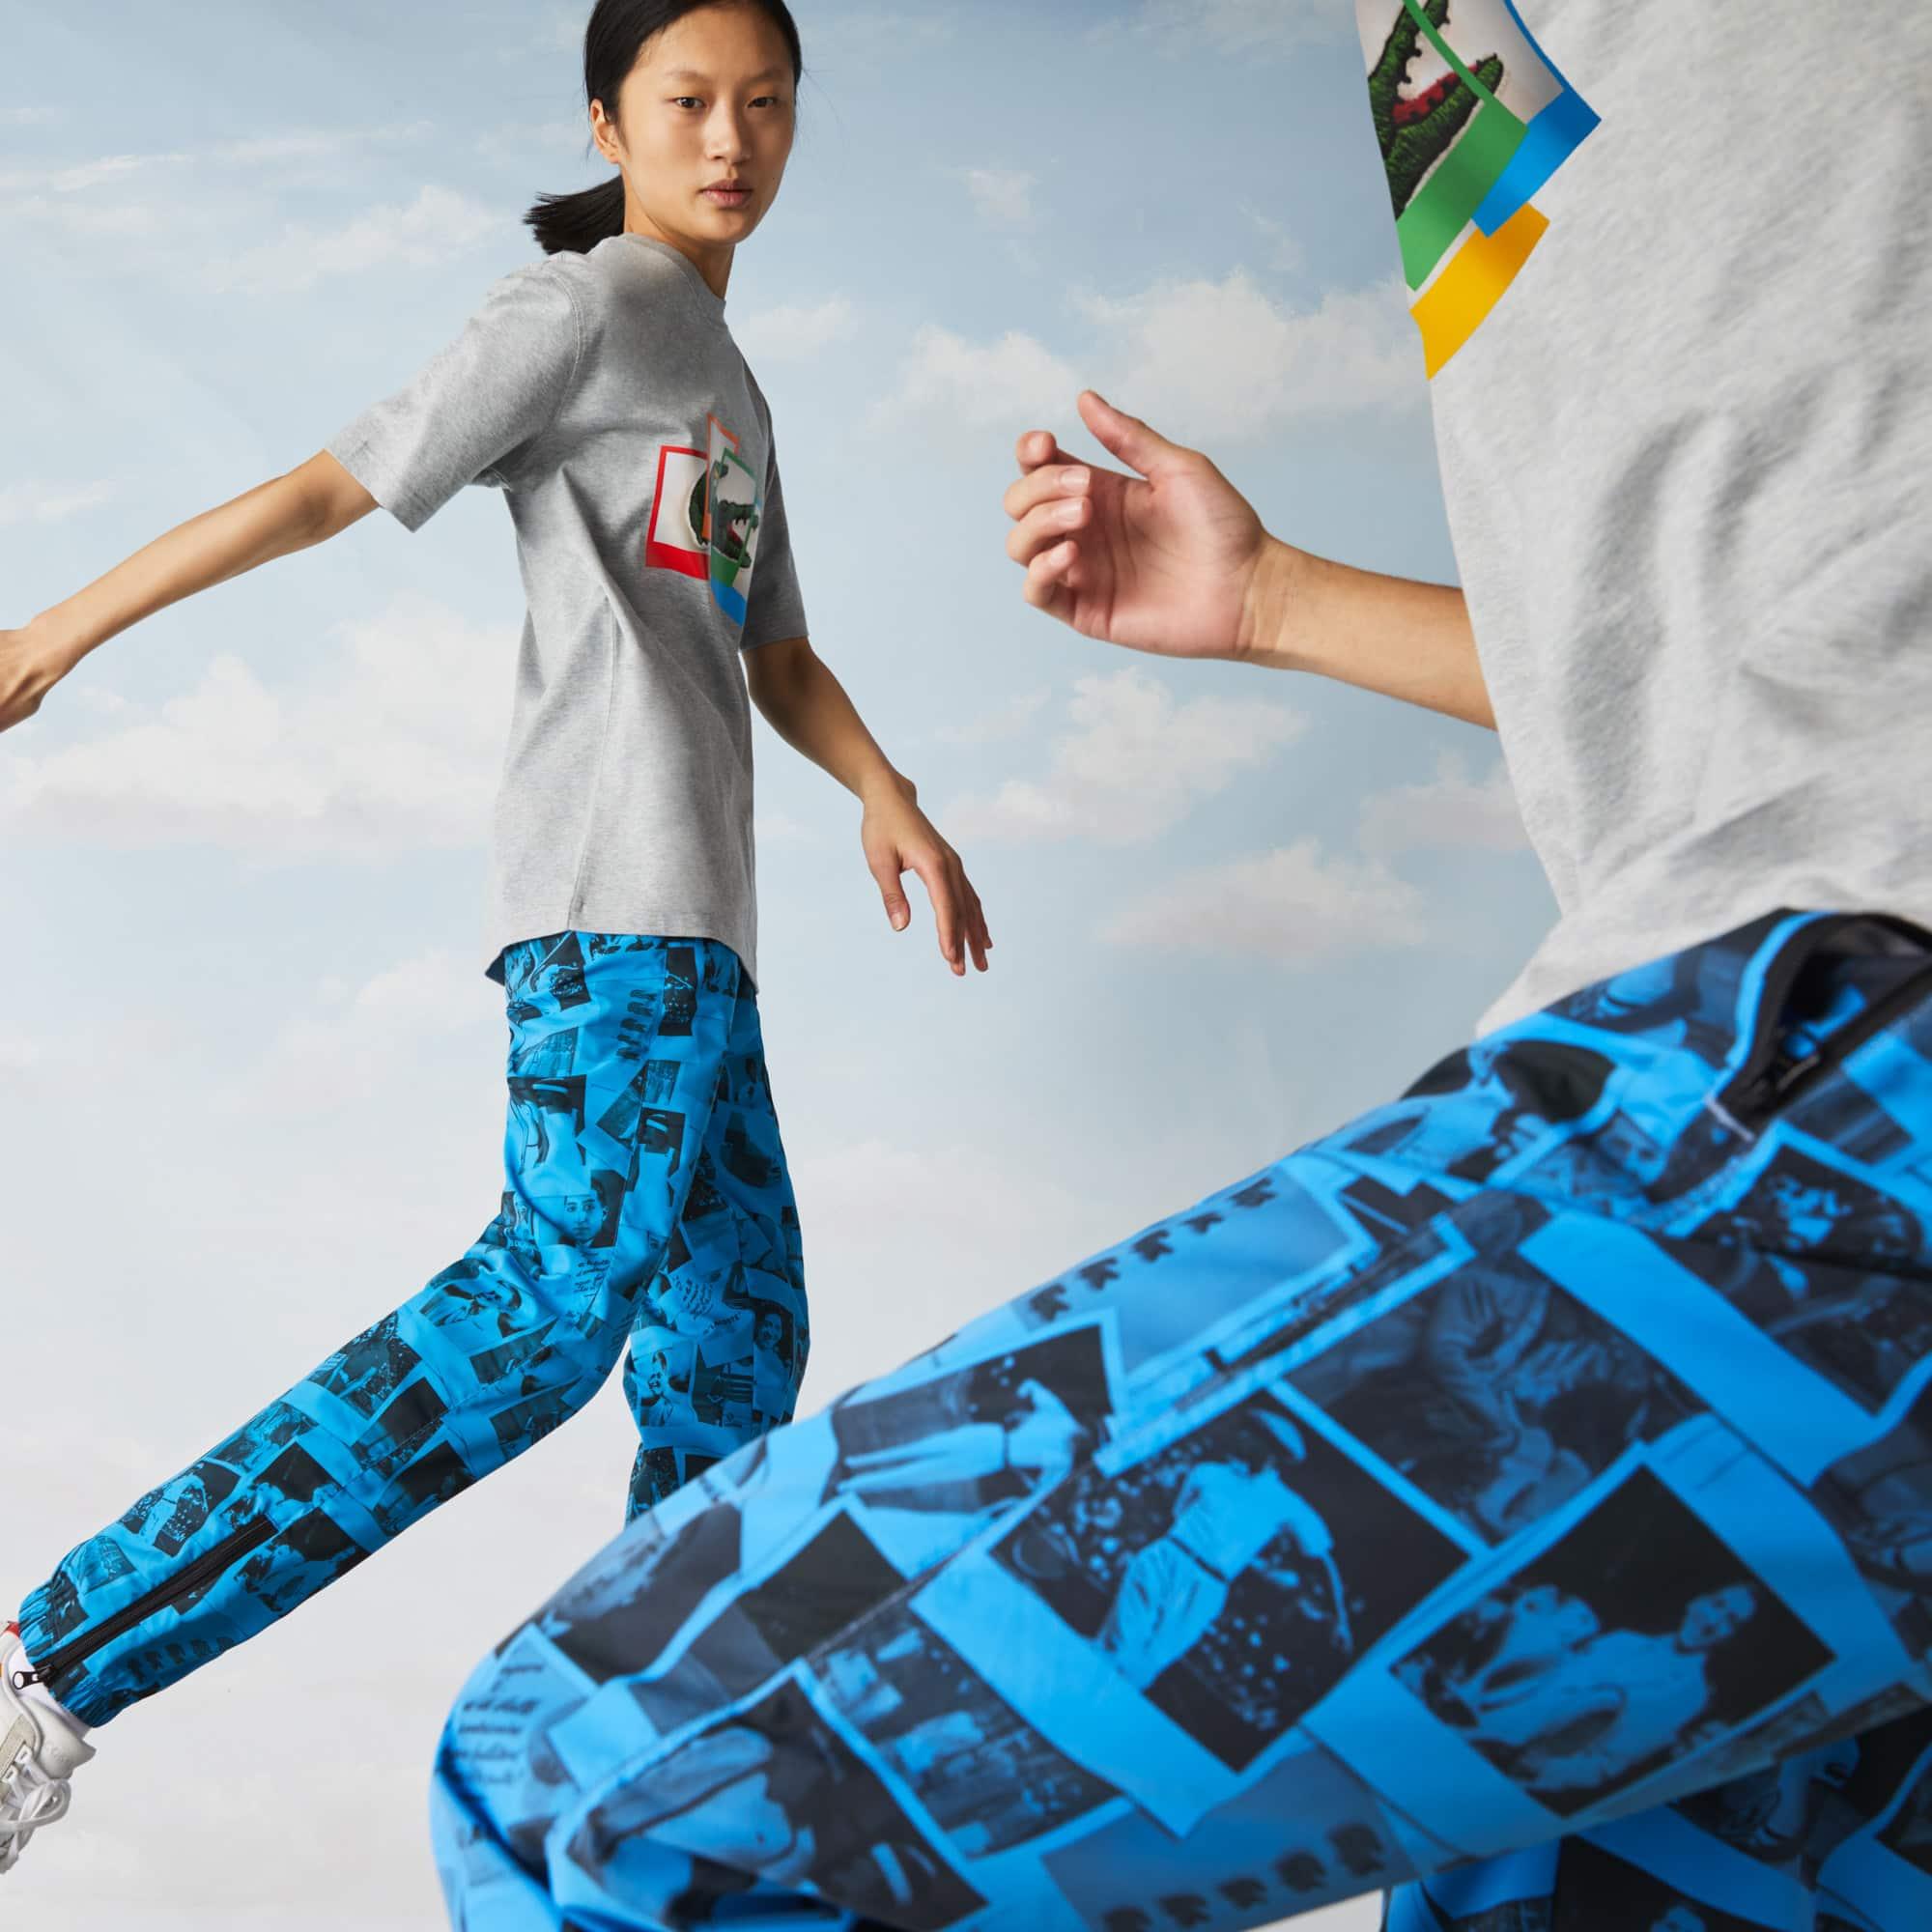 라코스테 남녀공용 라이브 라코스테 Lacoste Unisex LIVE Polaroid Collaboration Loose Fit Cotton T-shirt